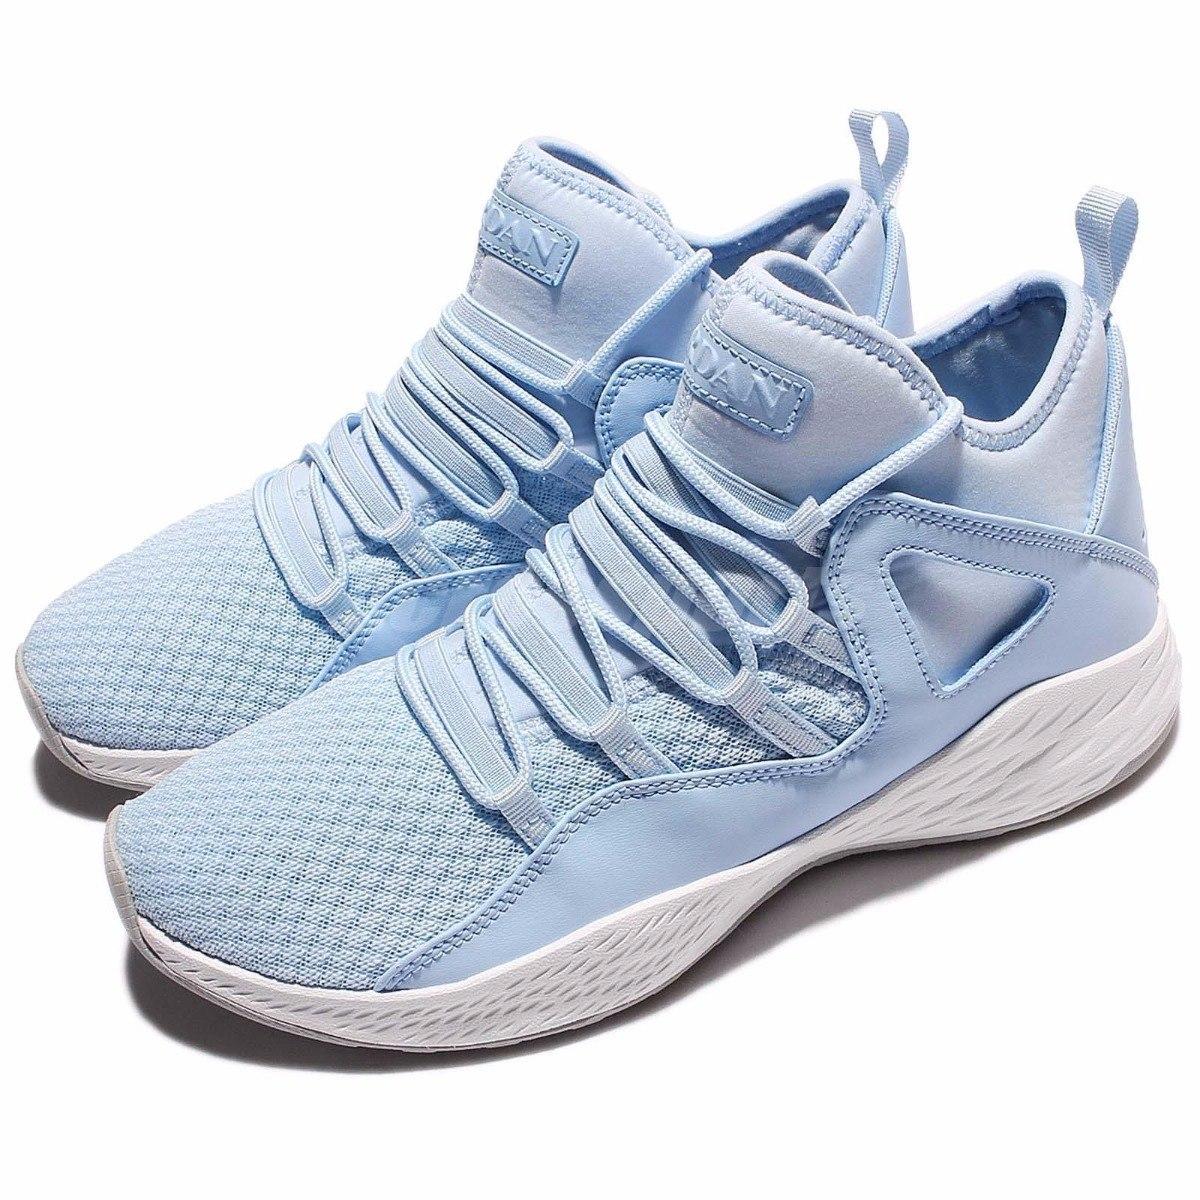 215187ad66a tênis nike jordan formula 23 - azul - basquete. Carregando zoom.